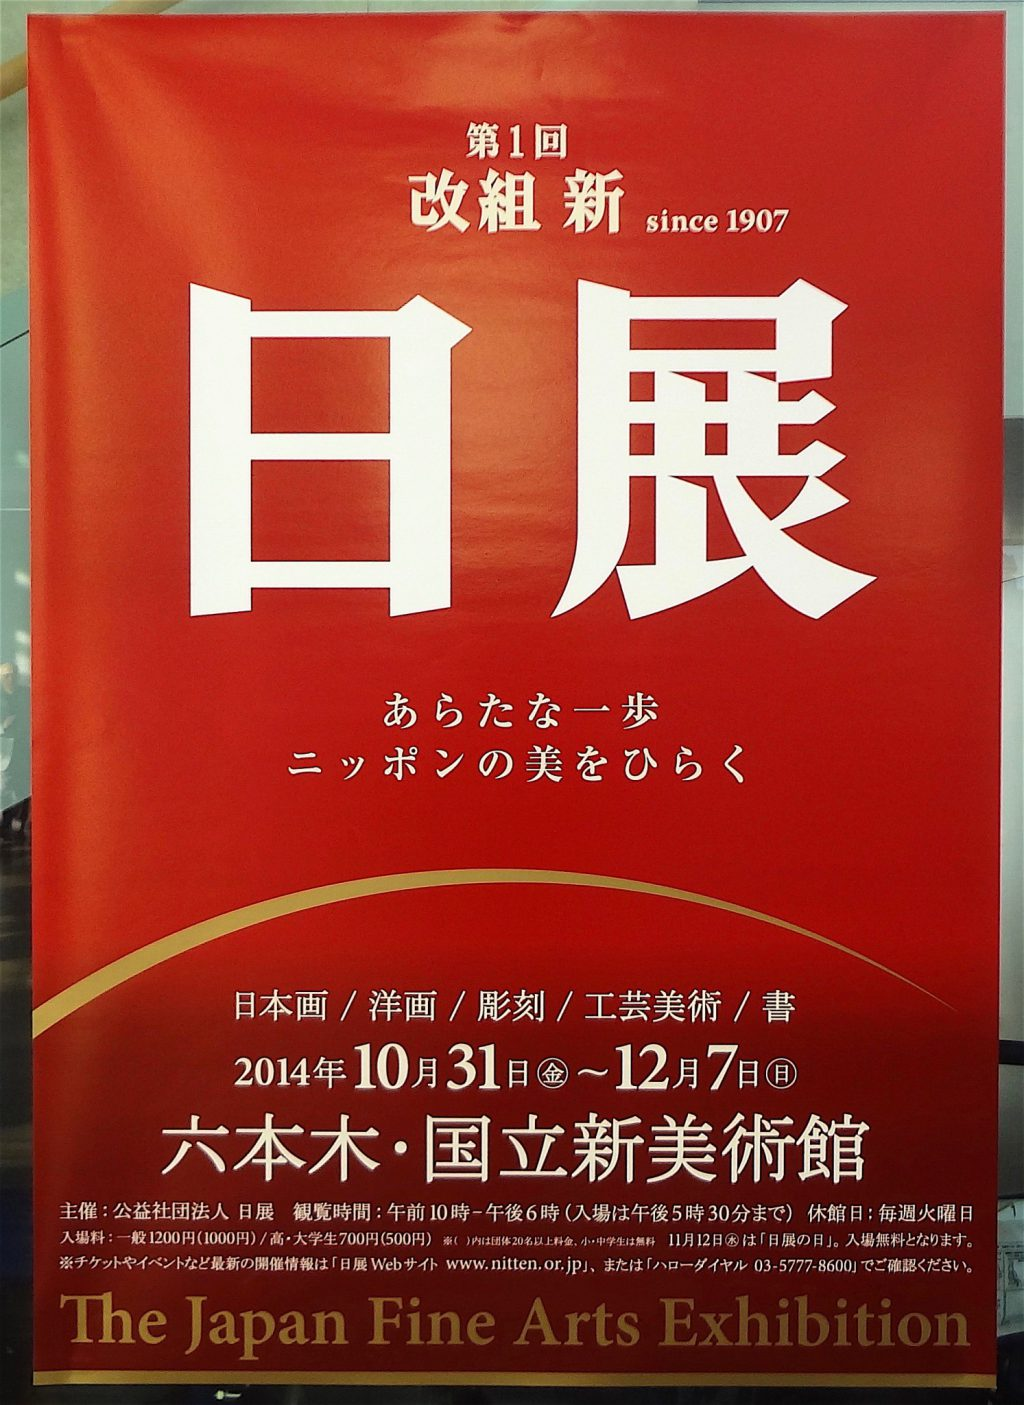 日展ポスター 2014年